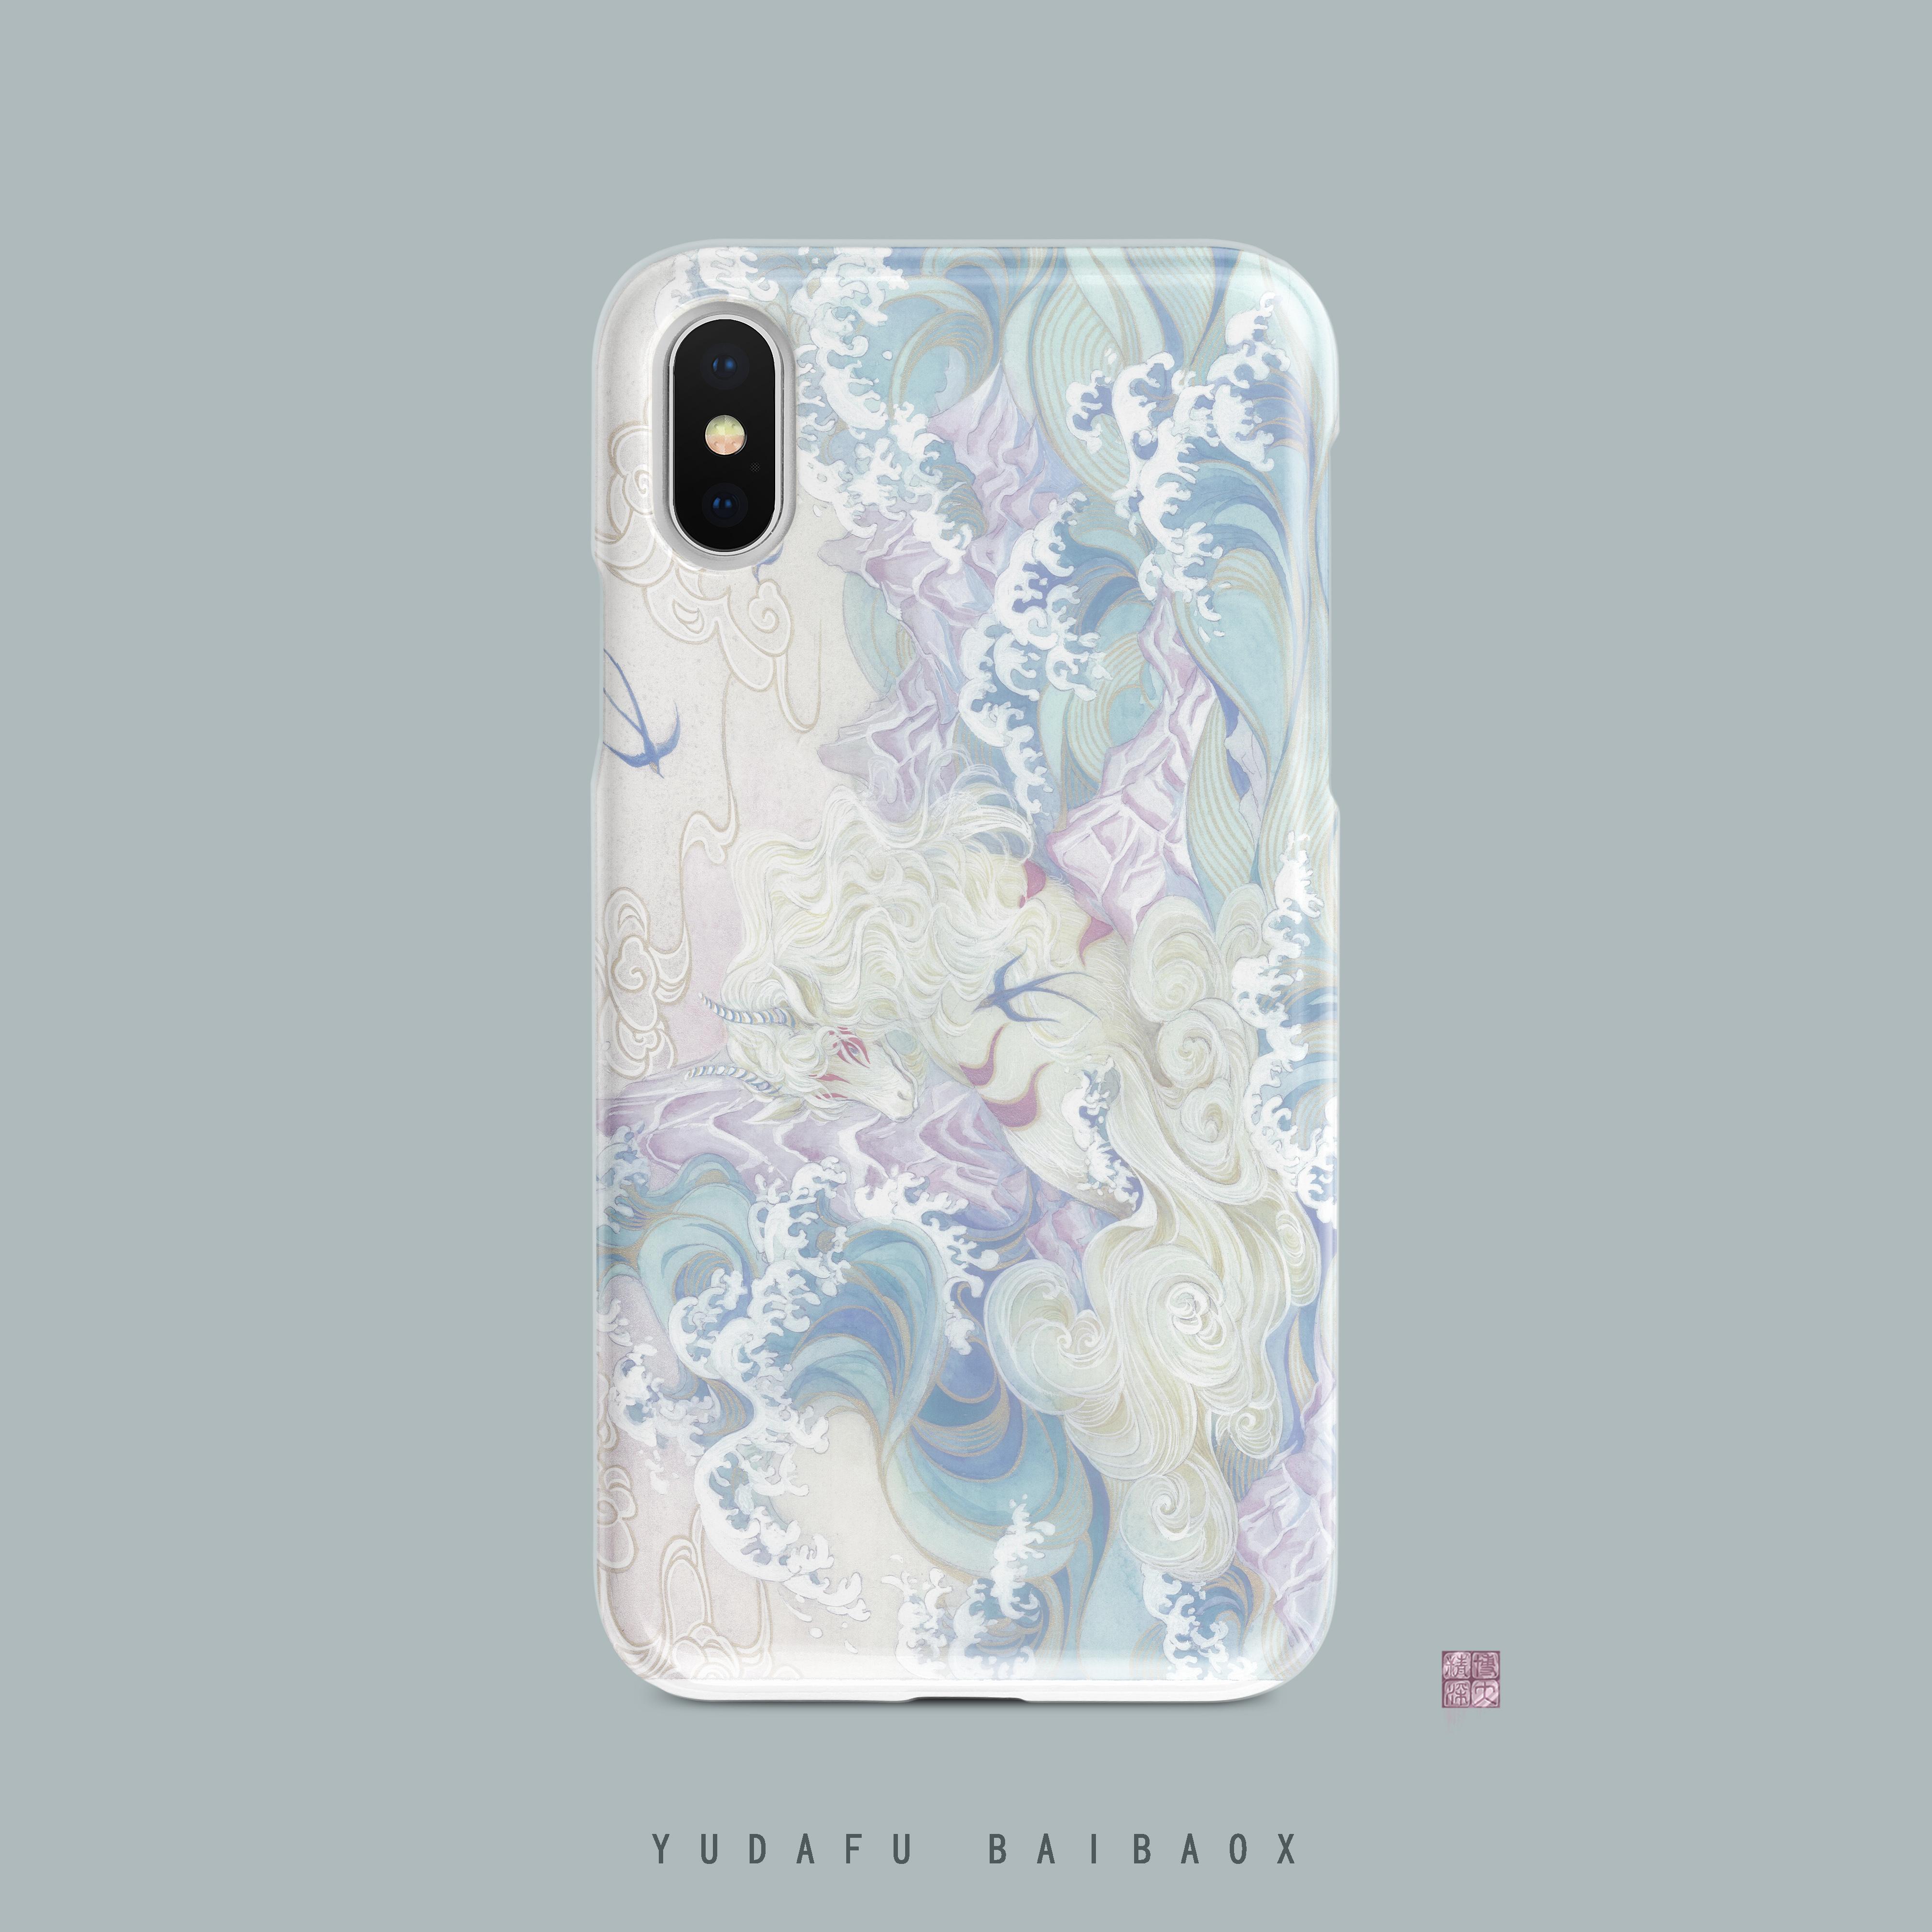 【白泽】原创设计Lolita柄图手机壳iPhoneX/XS 7P8P IMD全包软壳